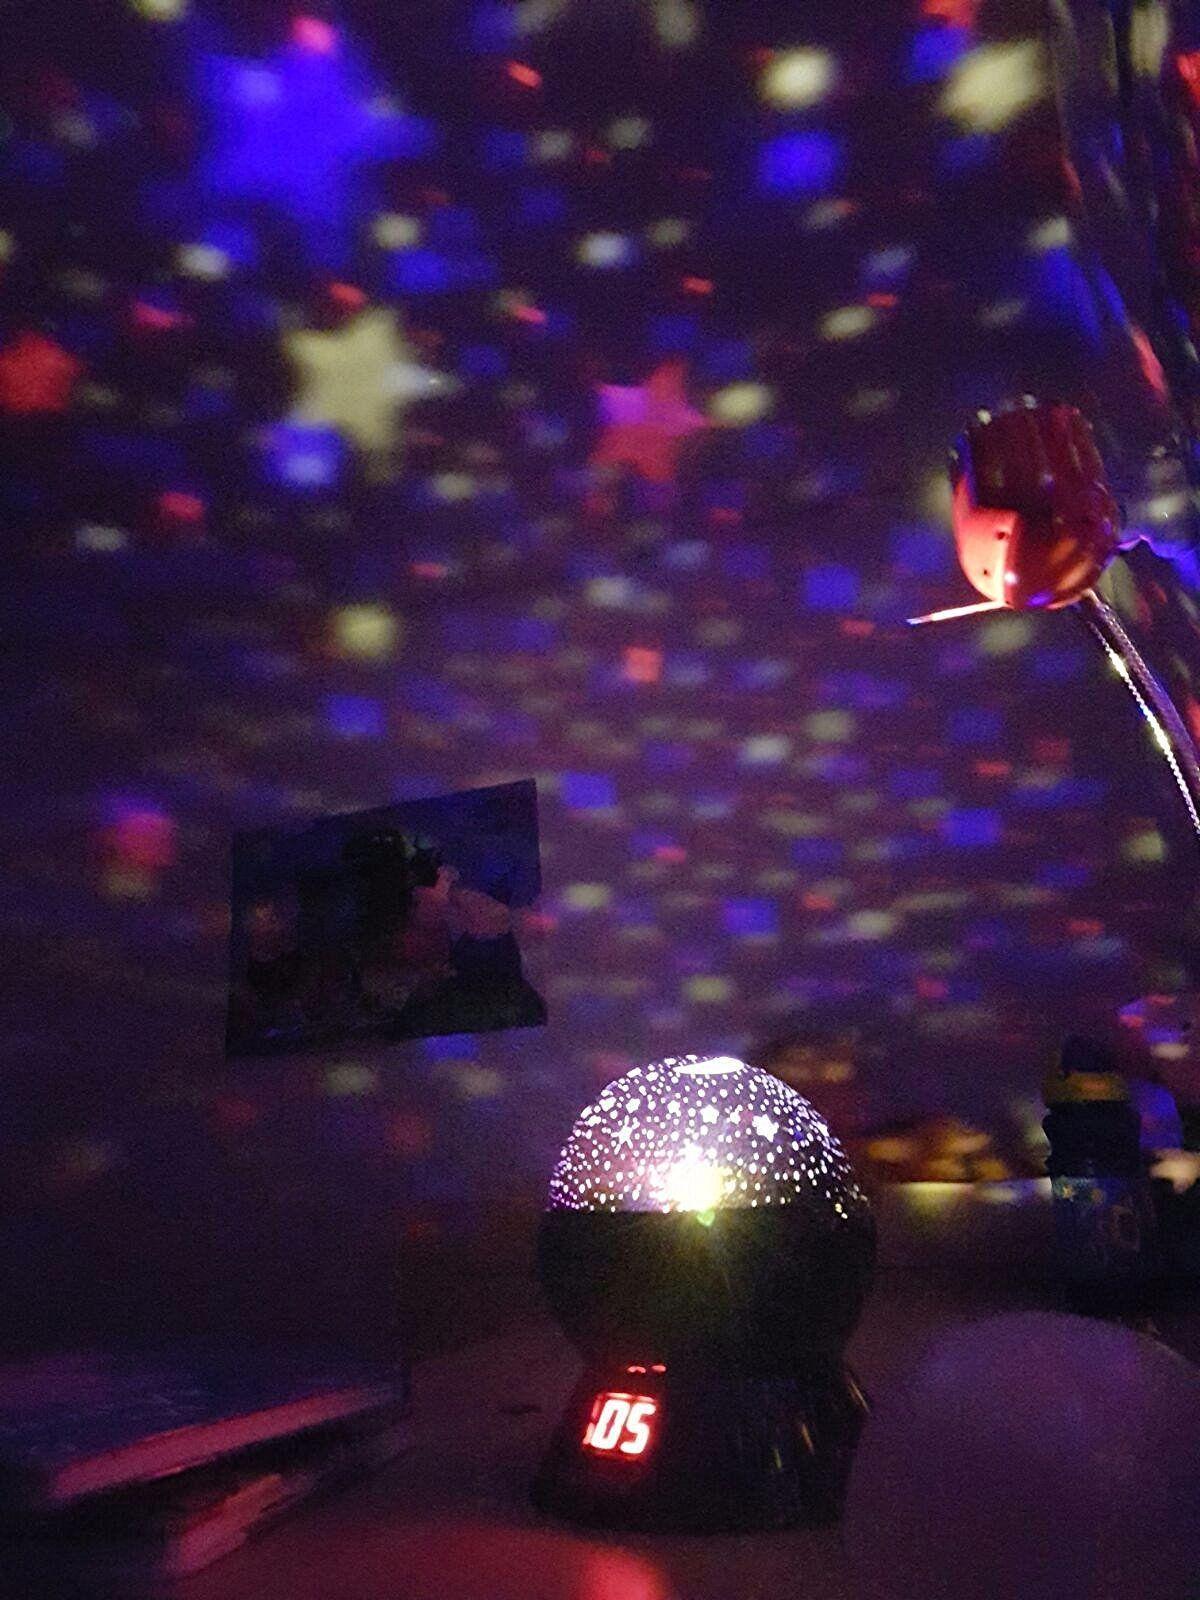 Full Size of Rotierenden Nacht Licht Sternenhimmel Projektor Kinderzimmer Regal Sofa Weiß Regale Kinderzimmer Sternenhimmel Kinderzimmer